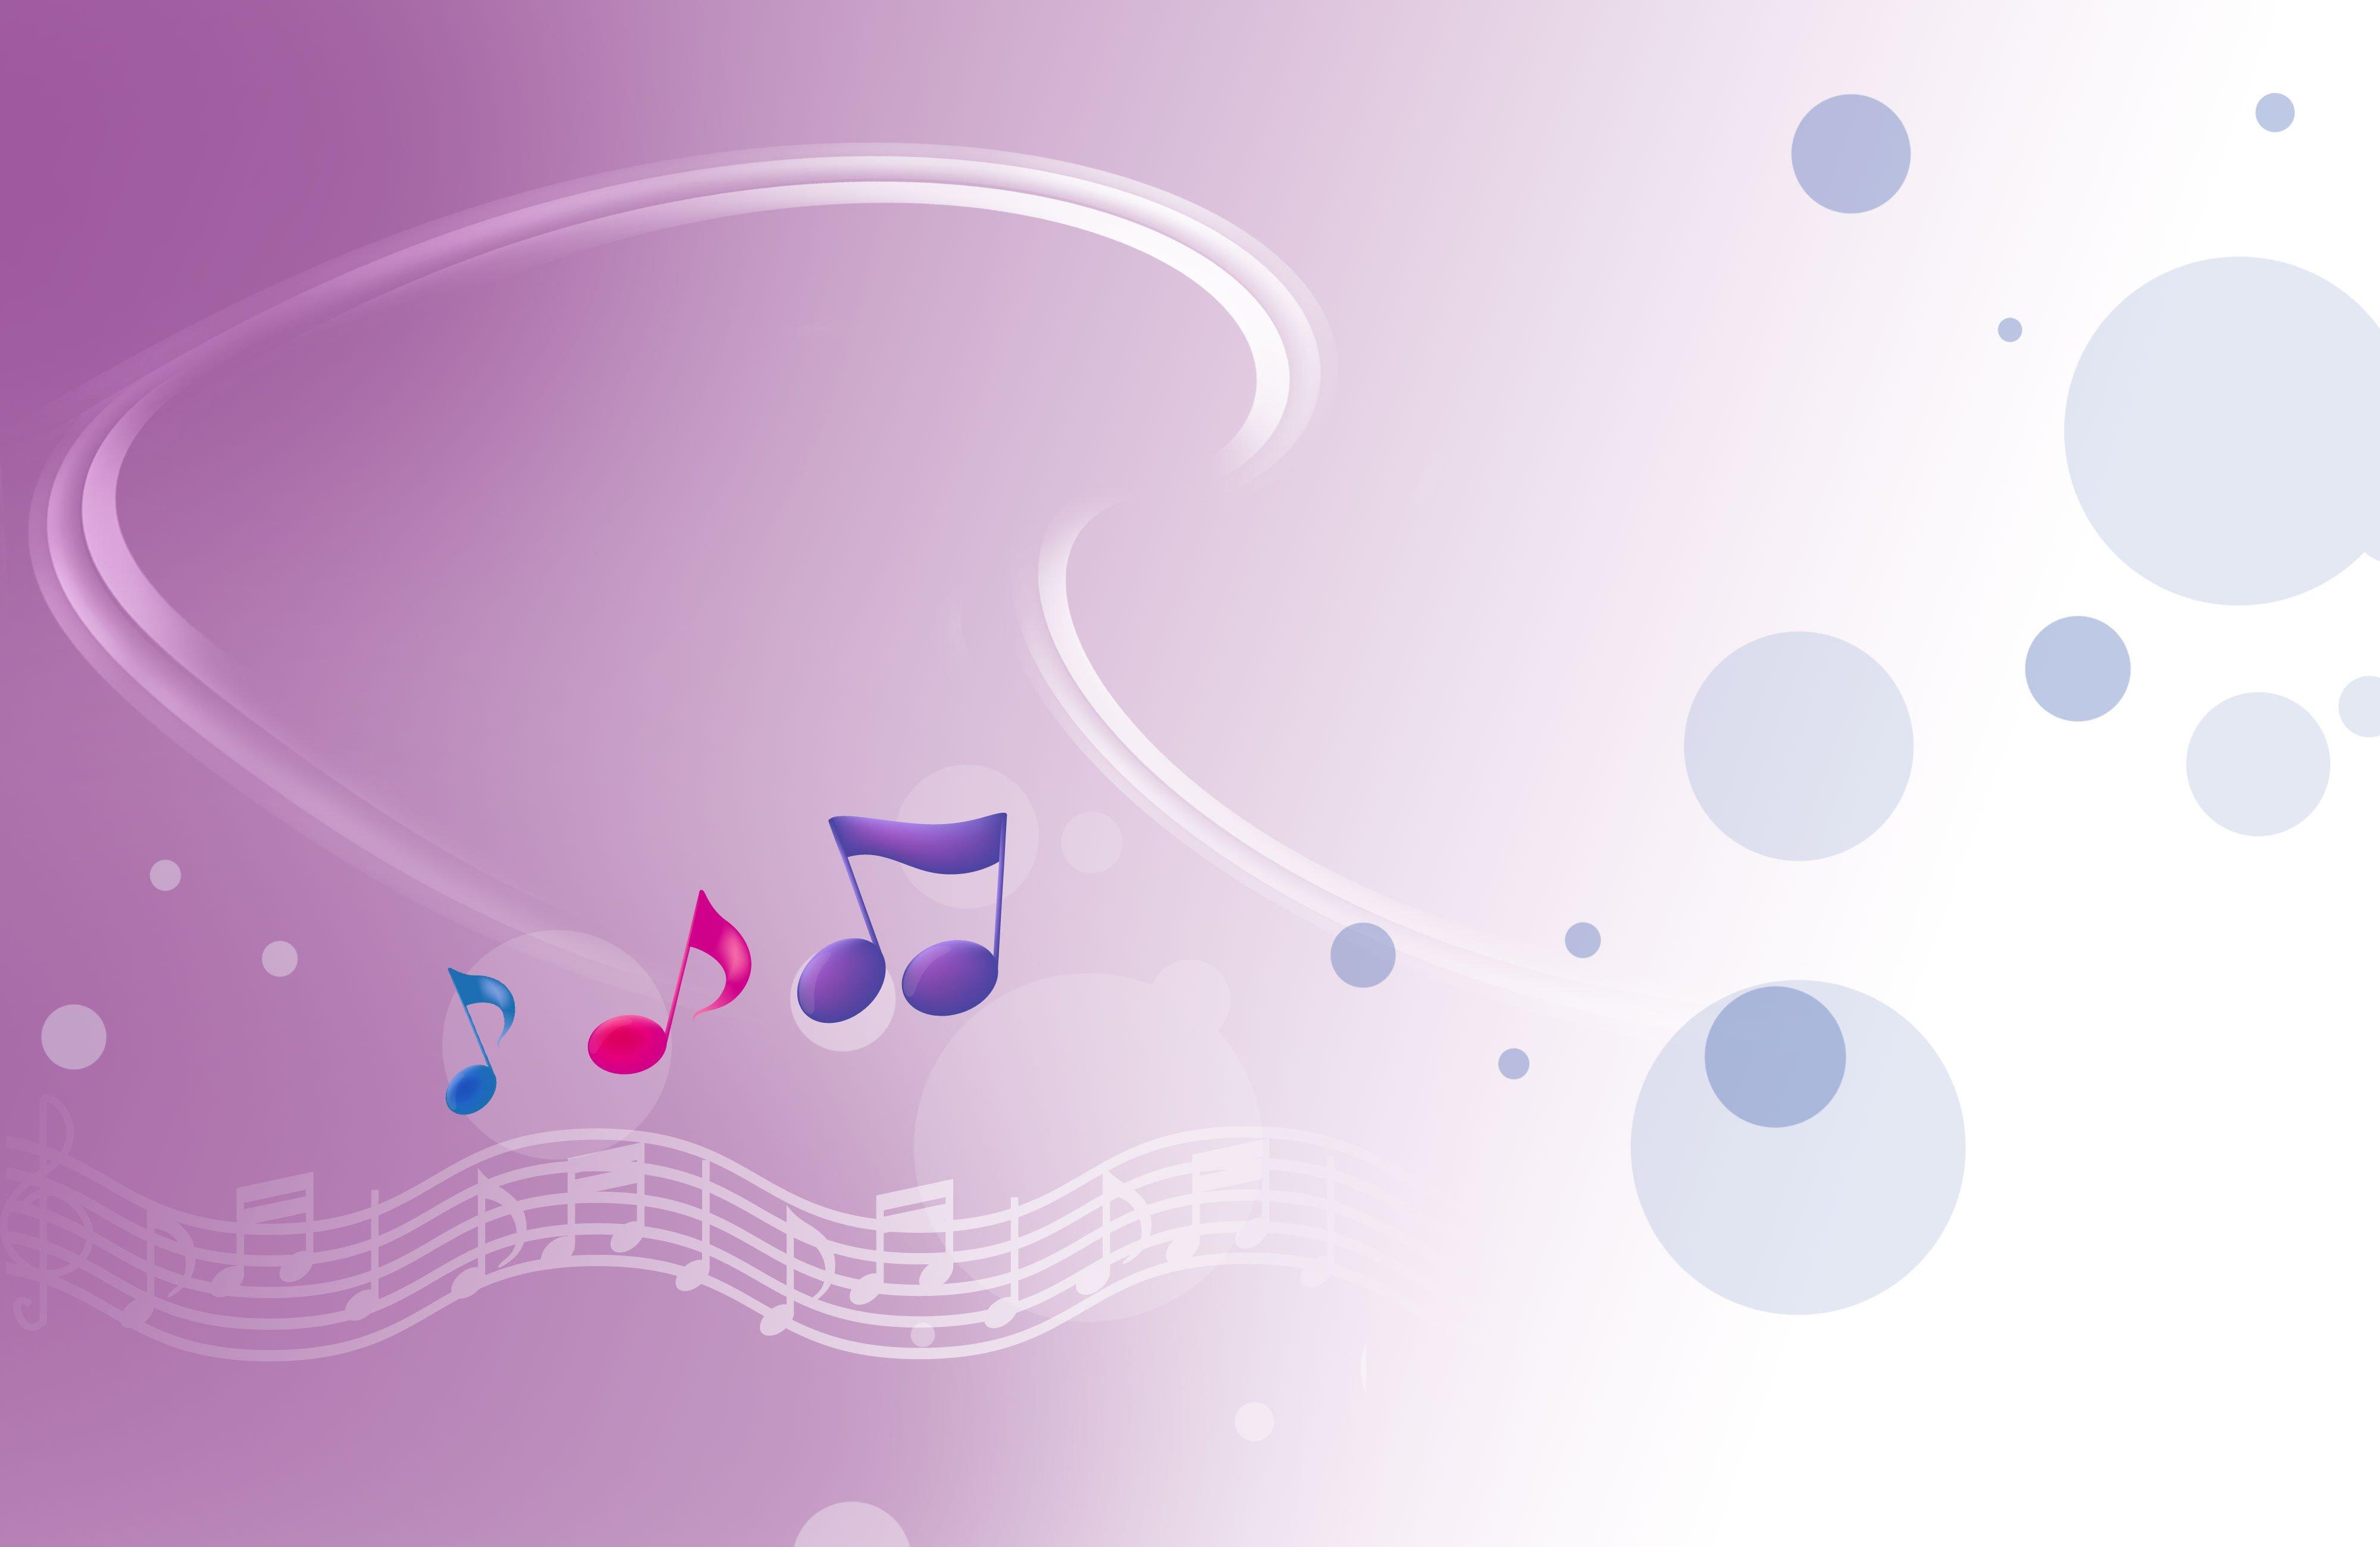 Красивые картинки для презентации о музыке